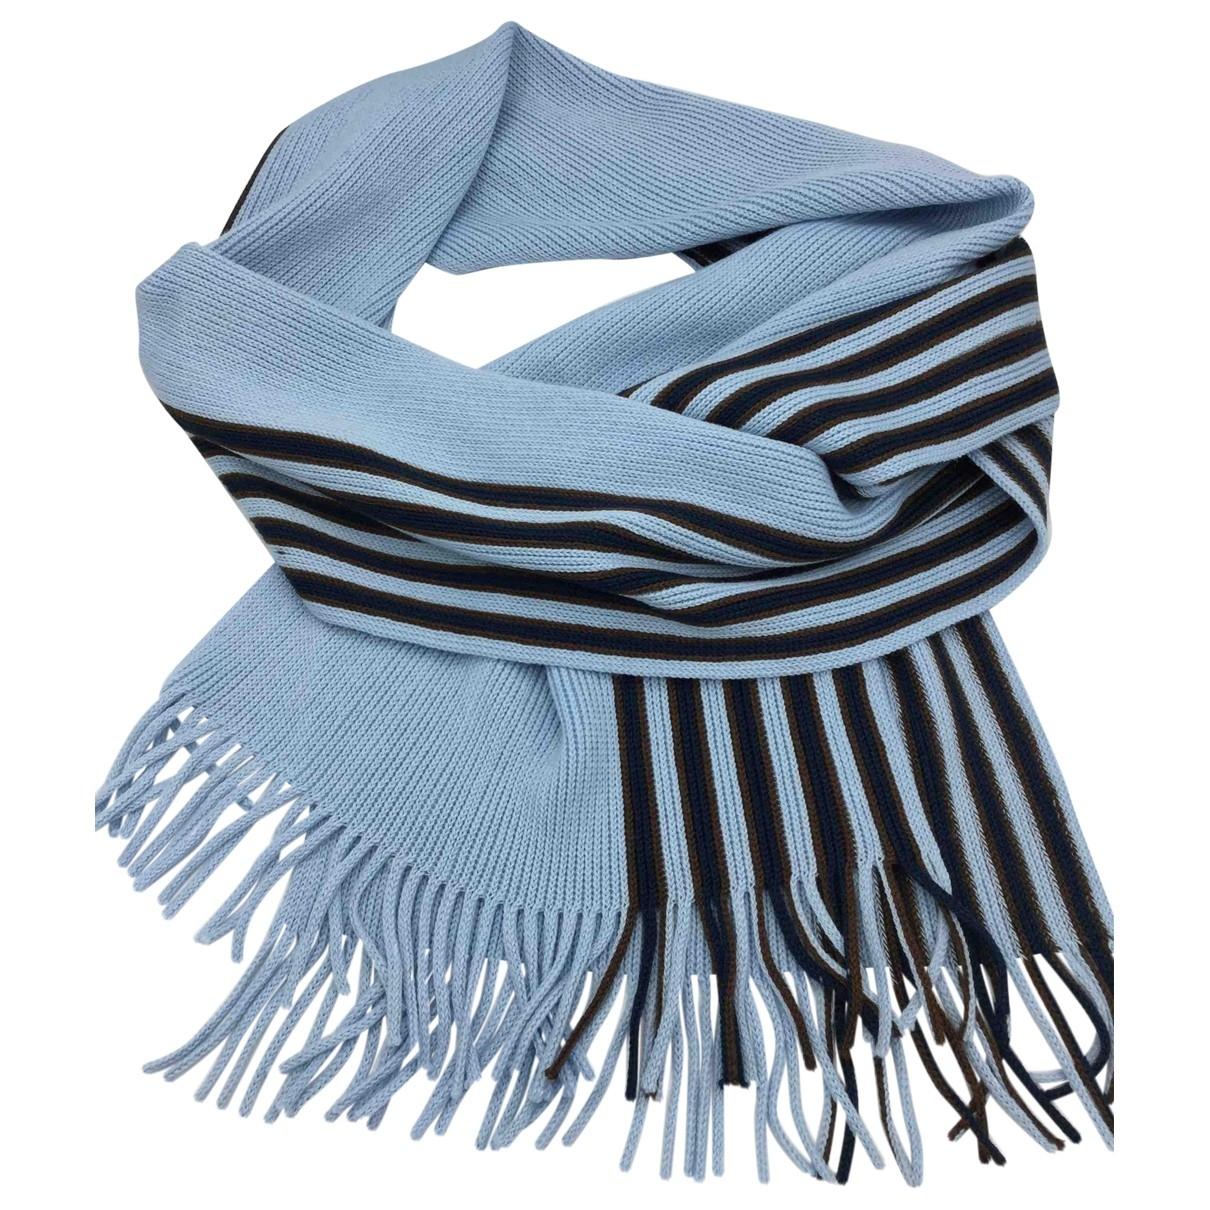 Borsalino \N Tuecher, Schal in  Blau Wolle